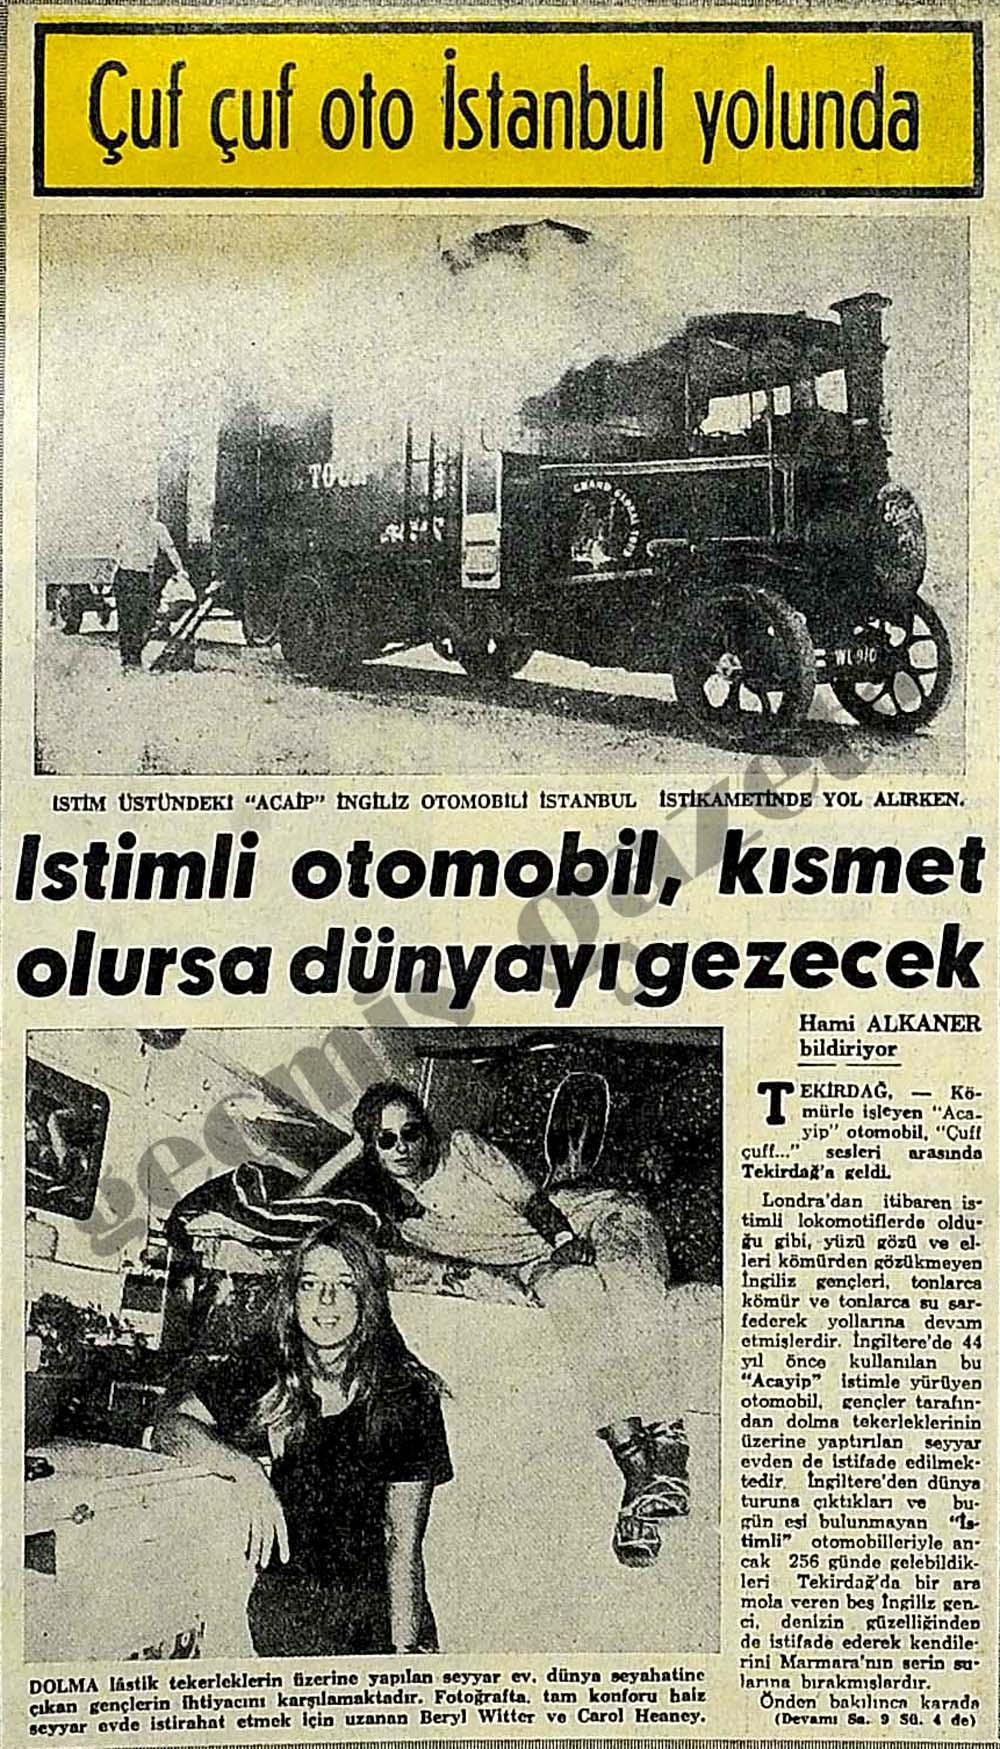 Çuf çuf oto İstanbul yolunda